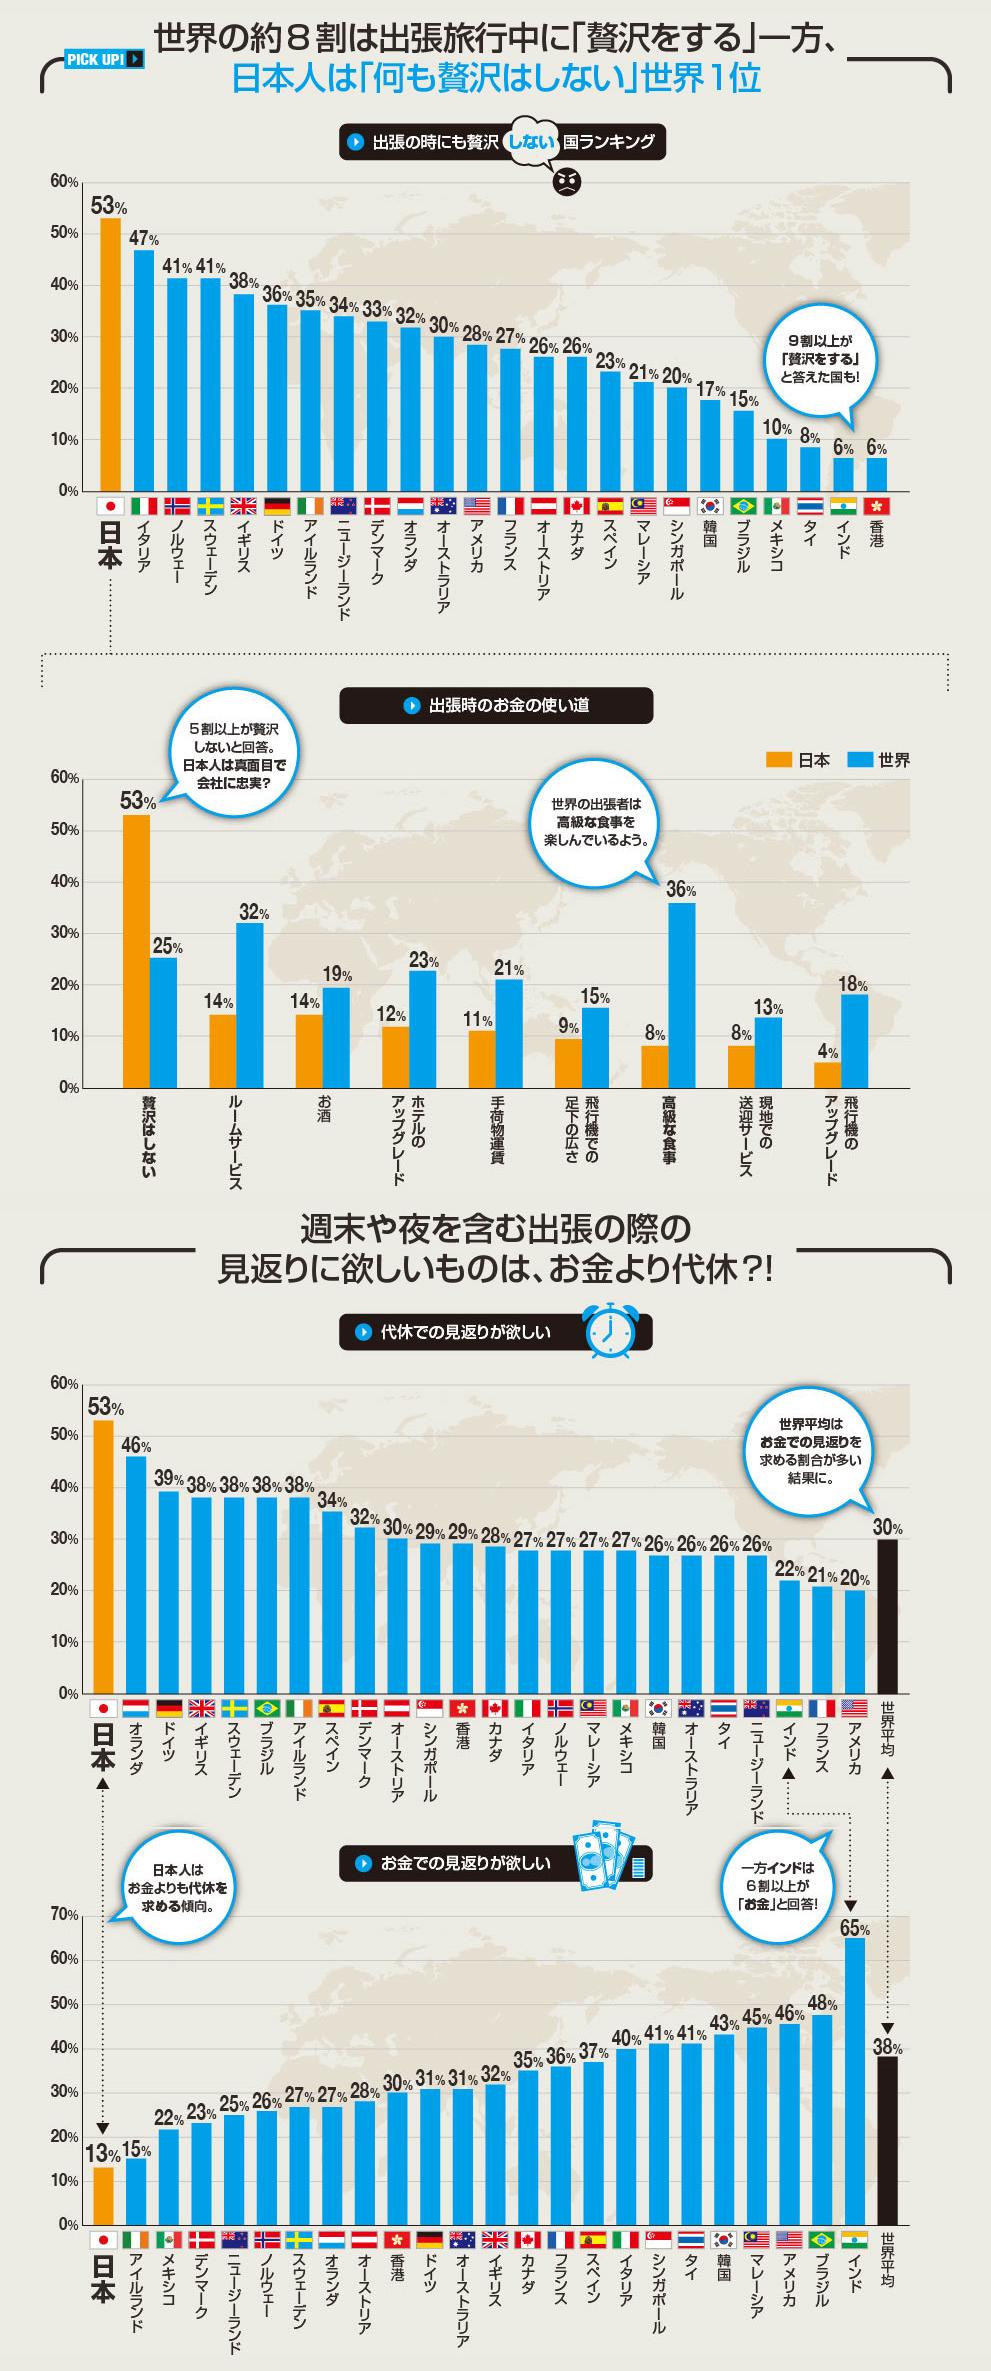 インフォグラフィック:出張中日本人は贅沢をしない。世界一真面目な日本人を垣間見る